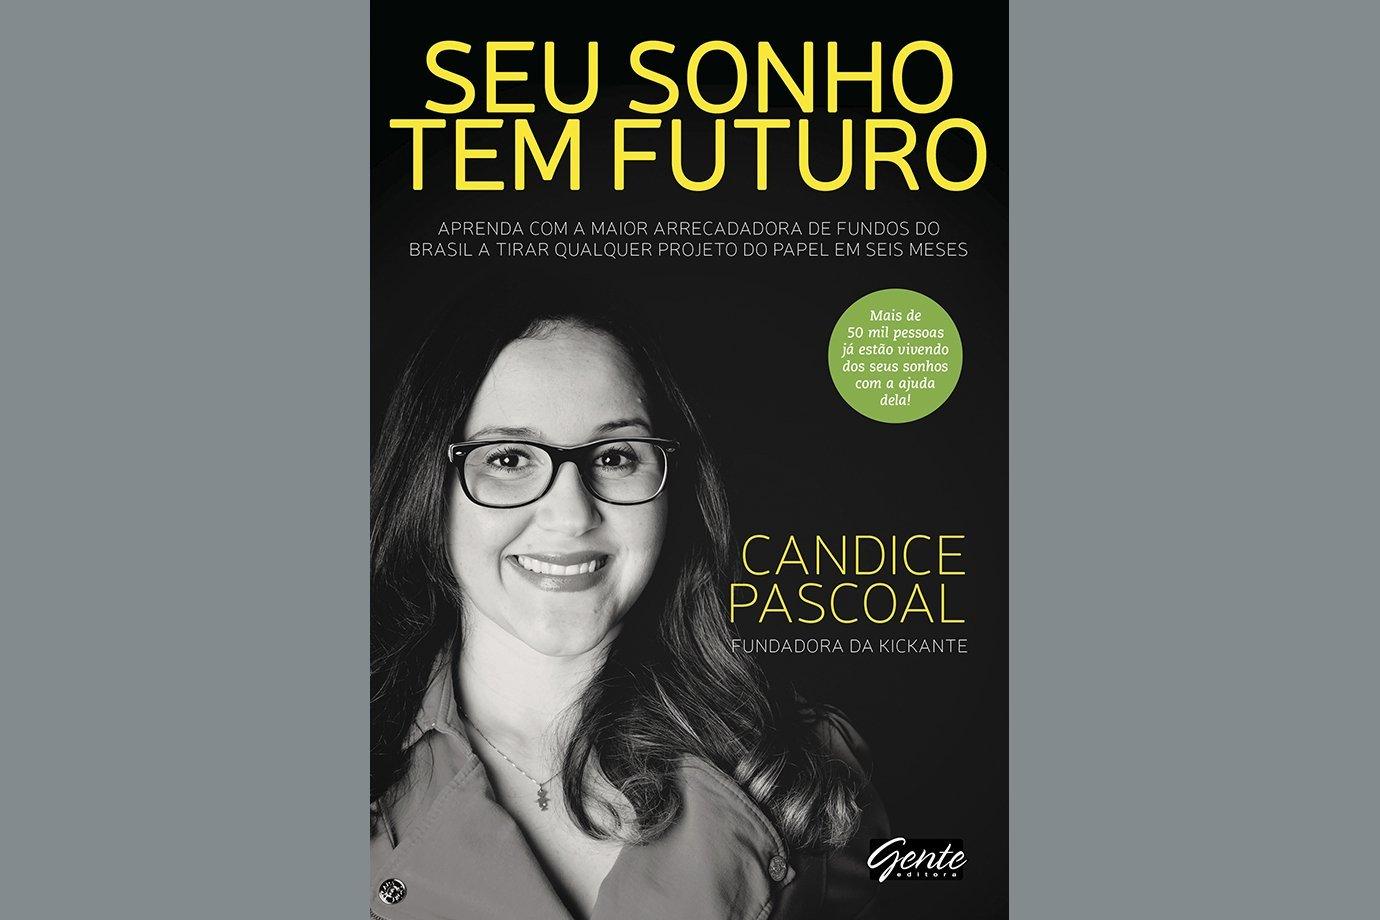 Seu Sonho tem Futuro, de Candice Pascoal